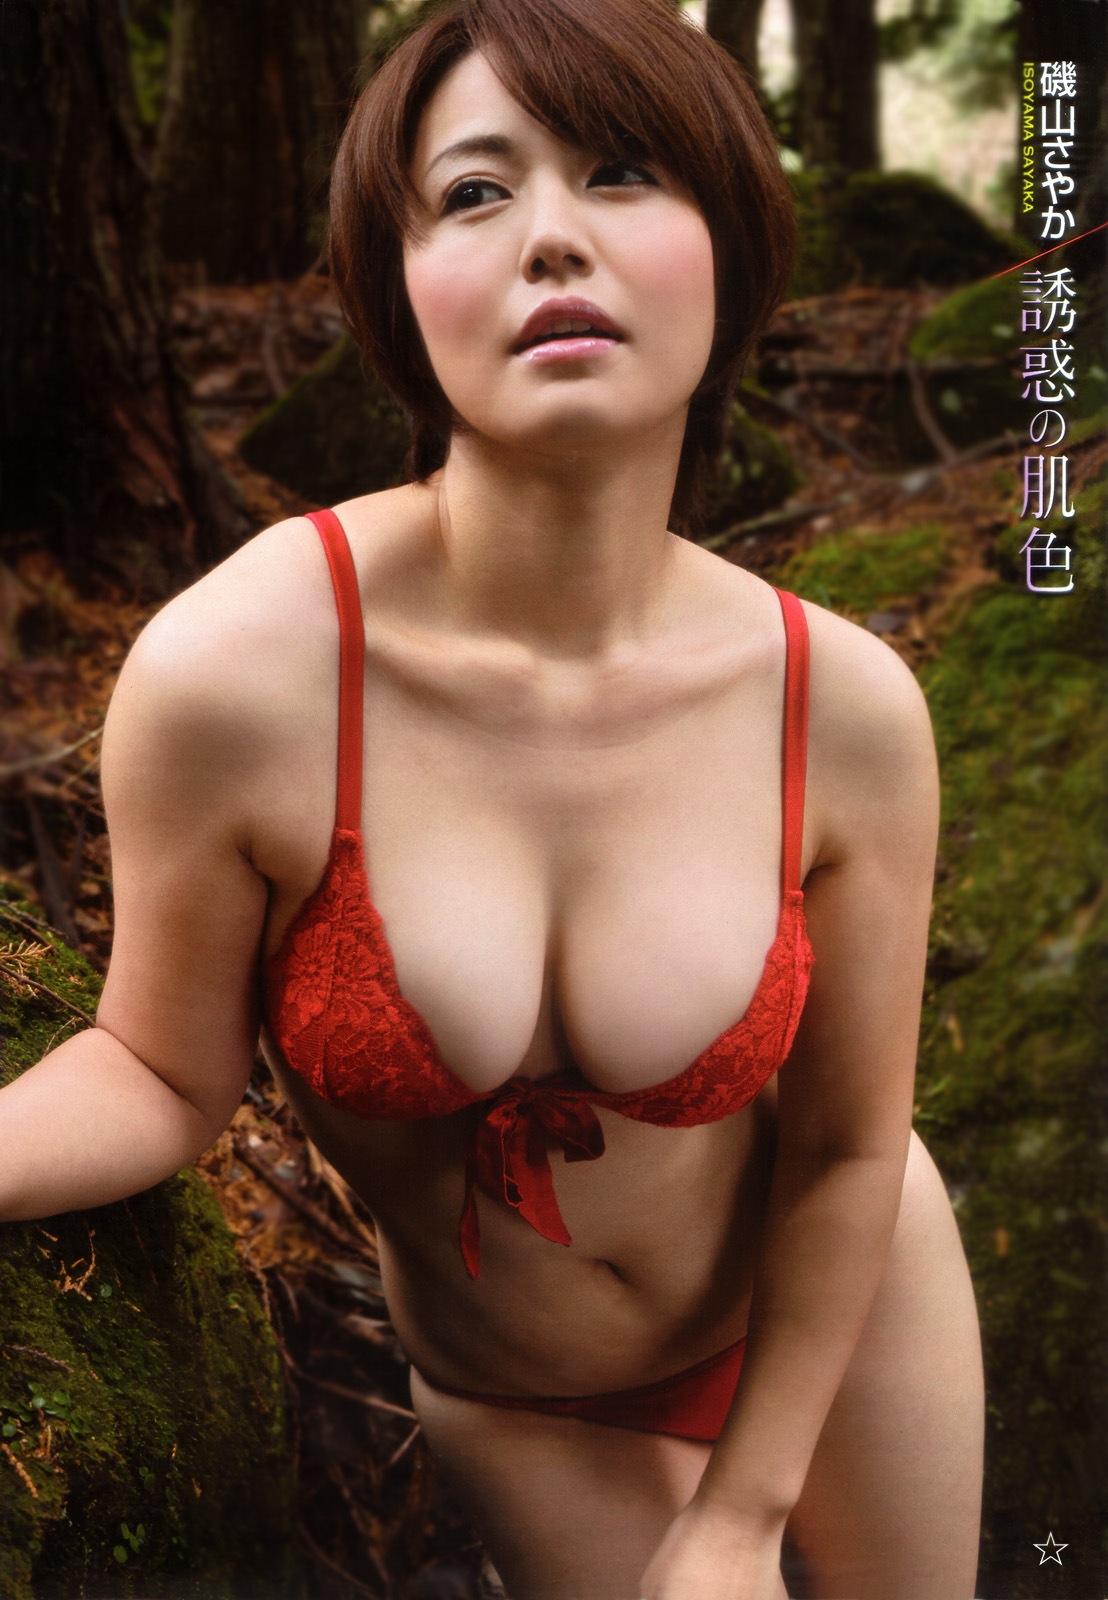 三次元 3次元 セクシー画像 豊満 べっぴん娘通信 32